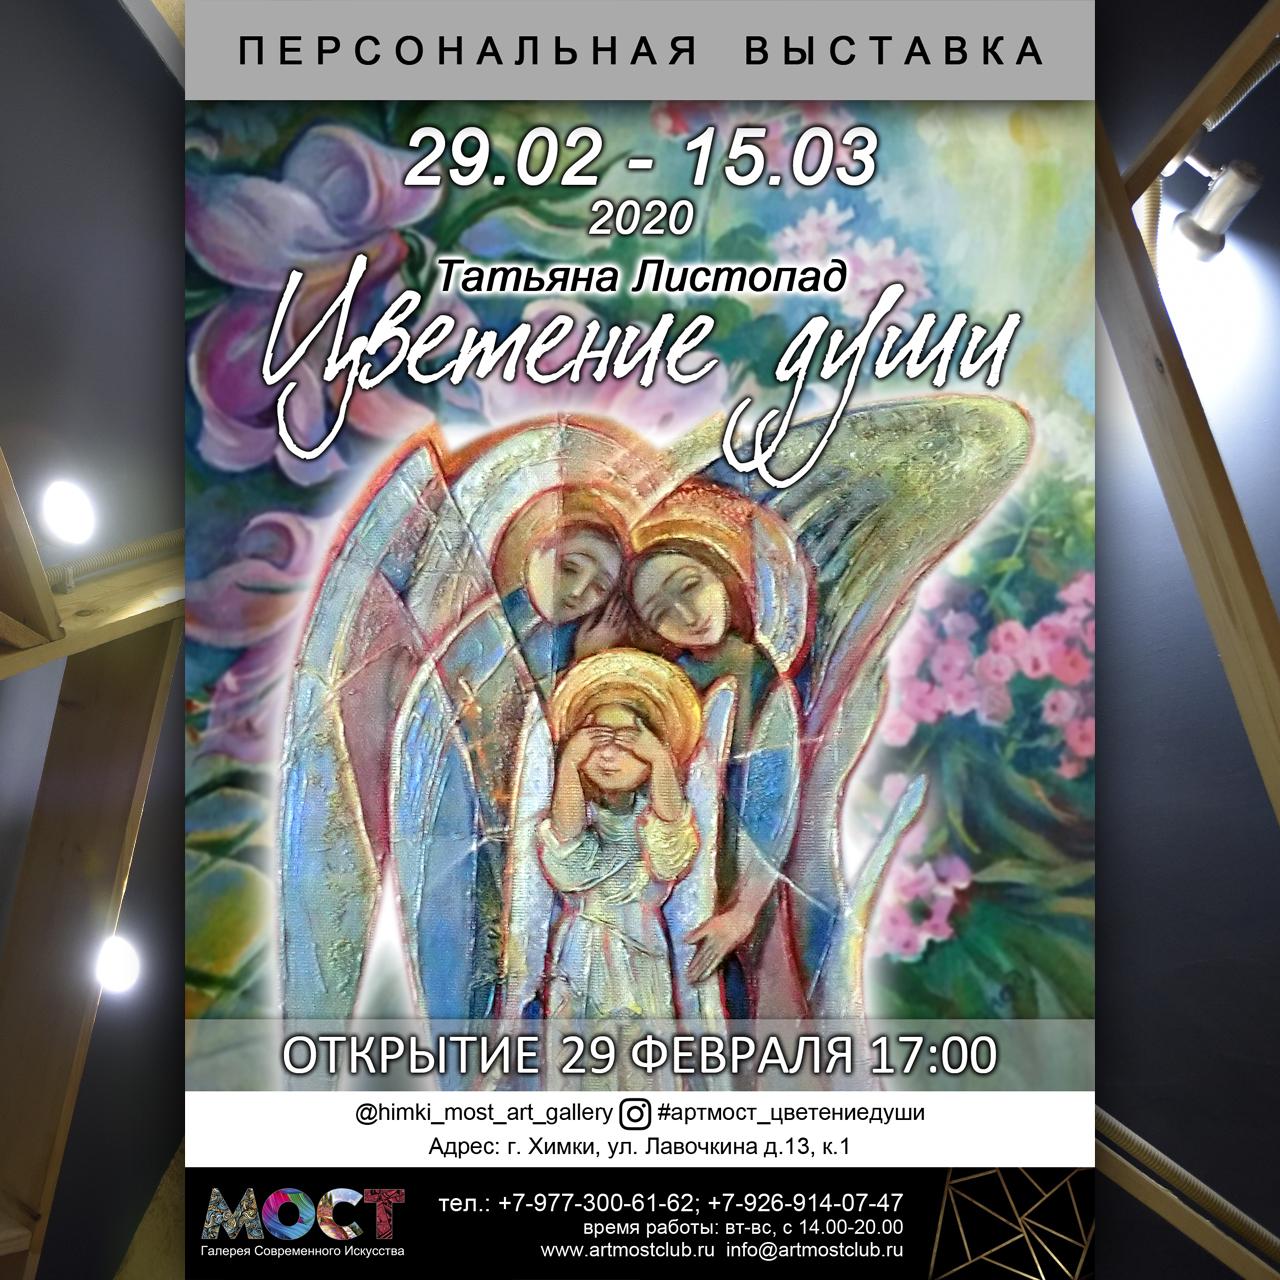 """Выставка картин Татьяны Листопад """"Цветение Души"""" в Химках"""